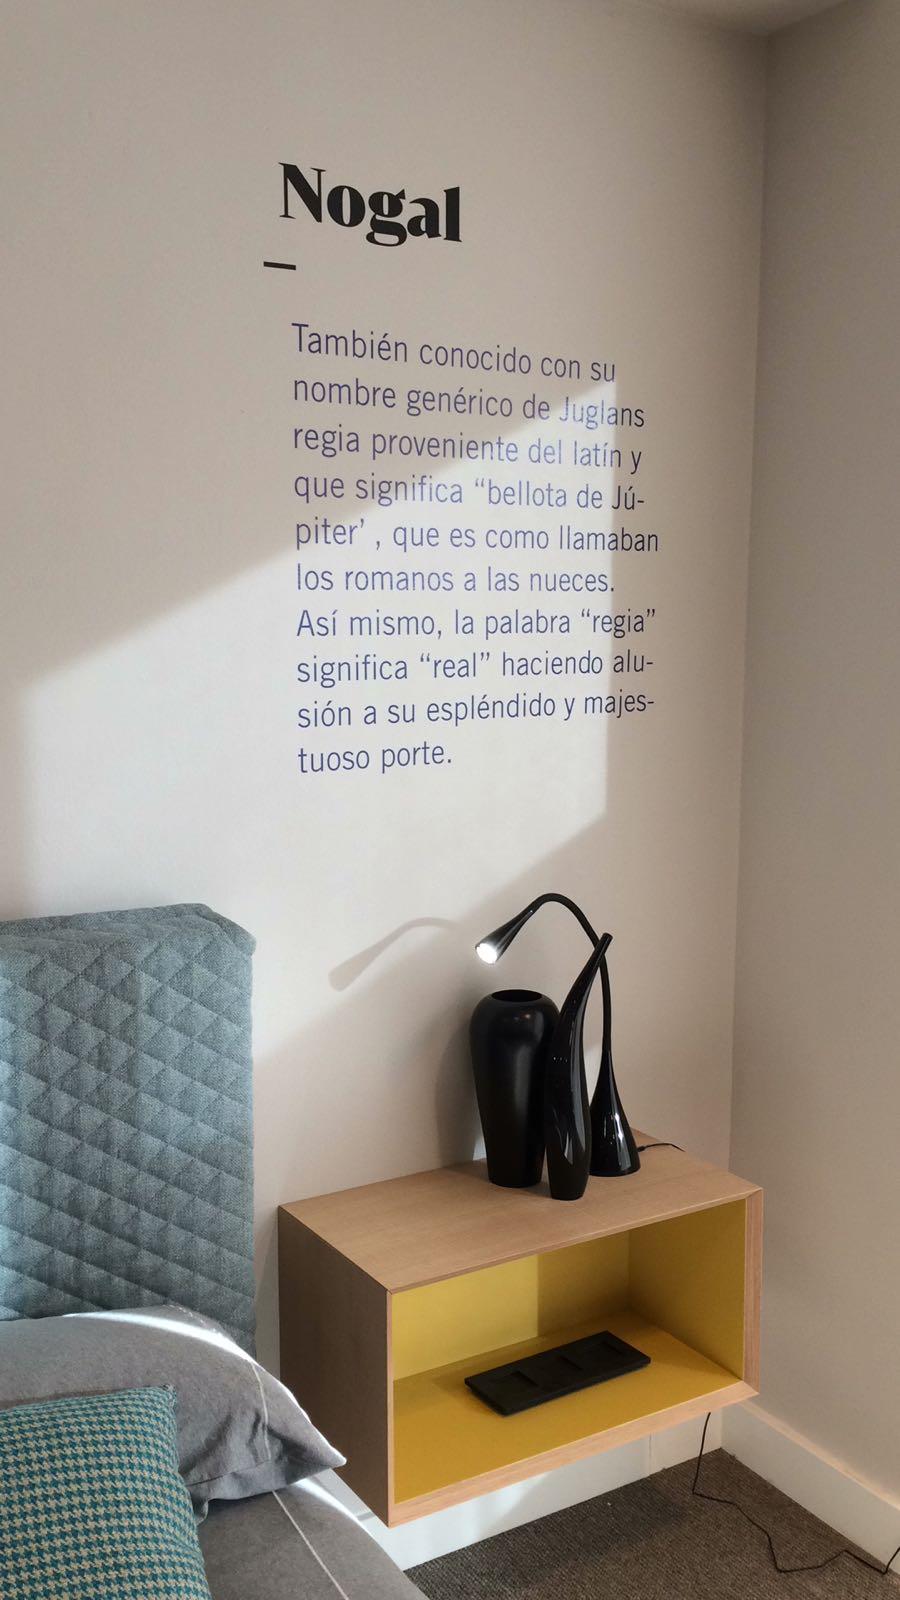 Tiendas De Muebles En Cadiz Y Provincia Idea Creativa Della Casa  # Muebles Tienda Nueva Jedula